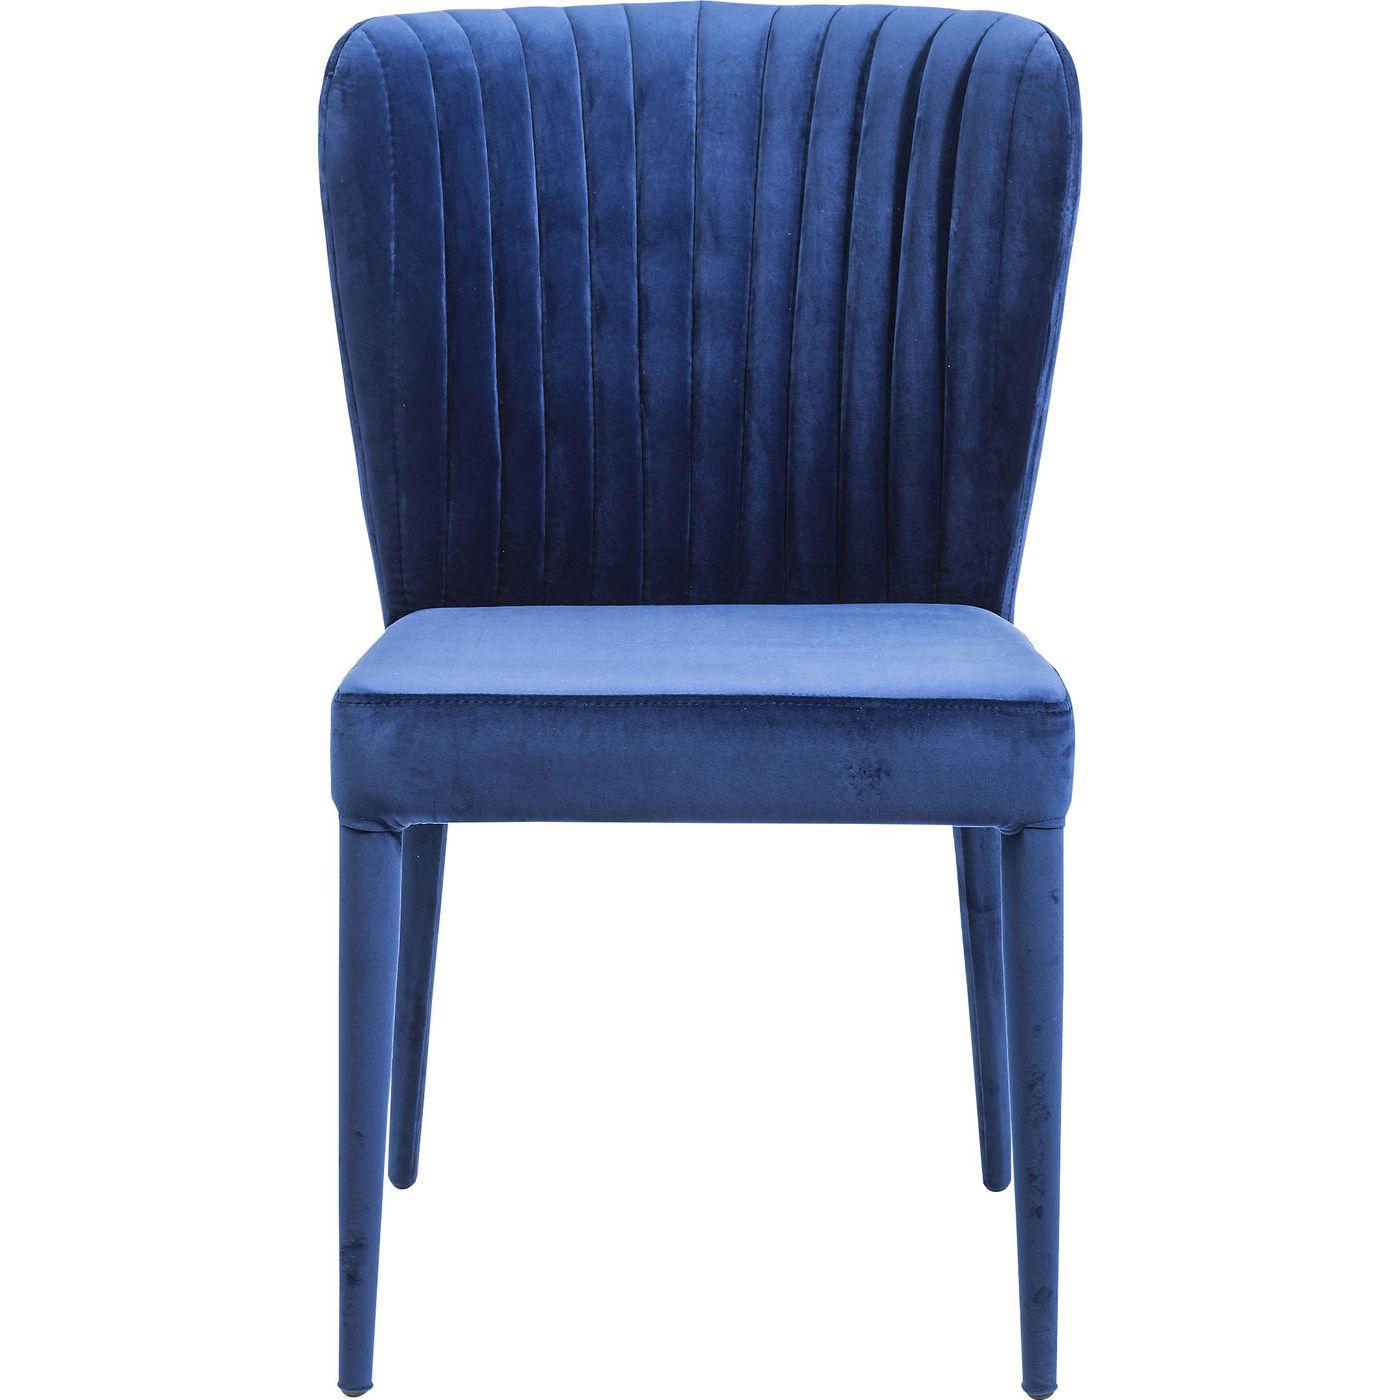 kare design Kare design spisebordsstol, cosmos blue på boboonline.dk